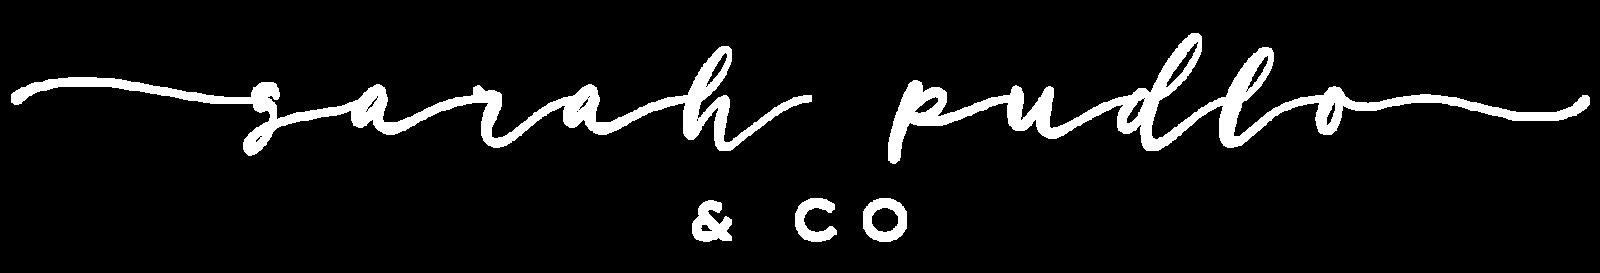 spc-logo-white